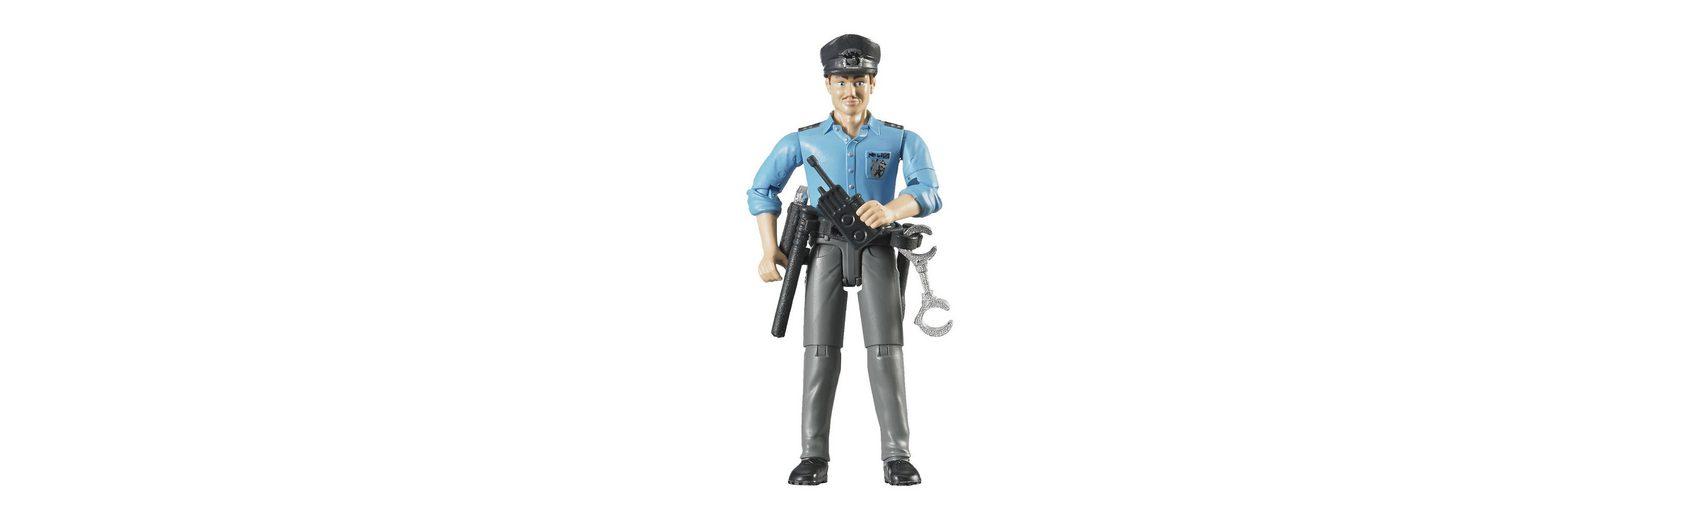 Bruder 60050 bworld Polizist helle Haut